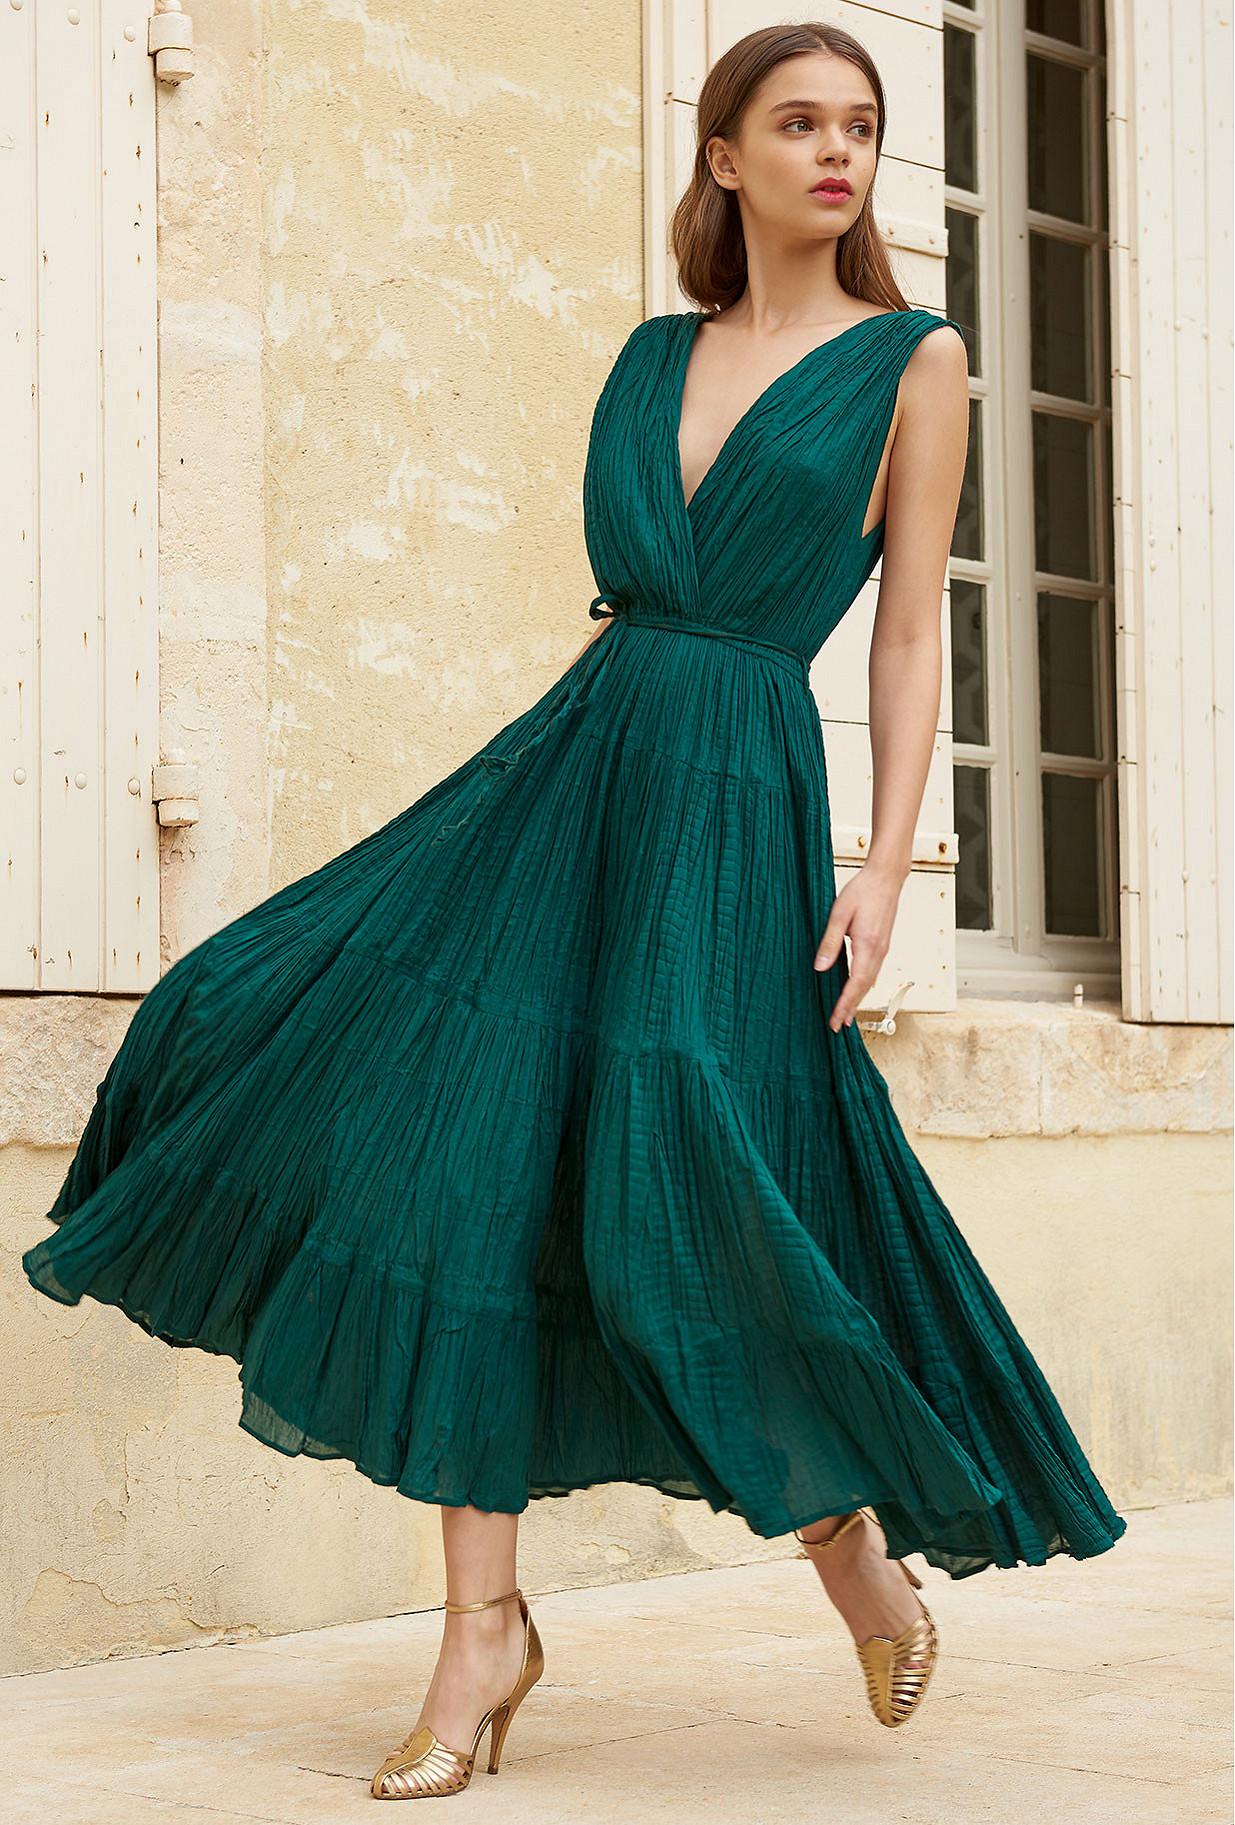 Paris clothes store Dress  Colchique french designer fashion Paris